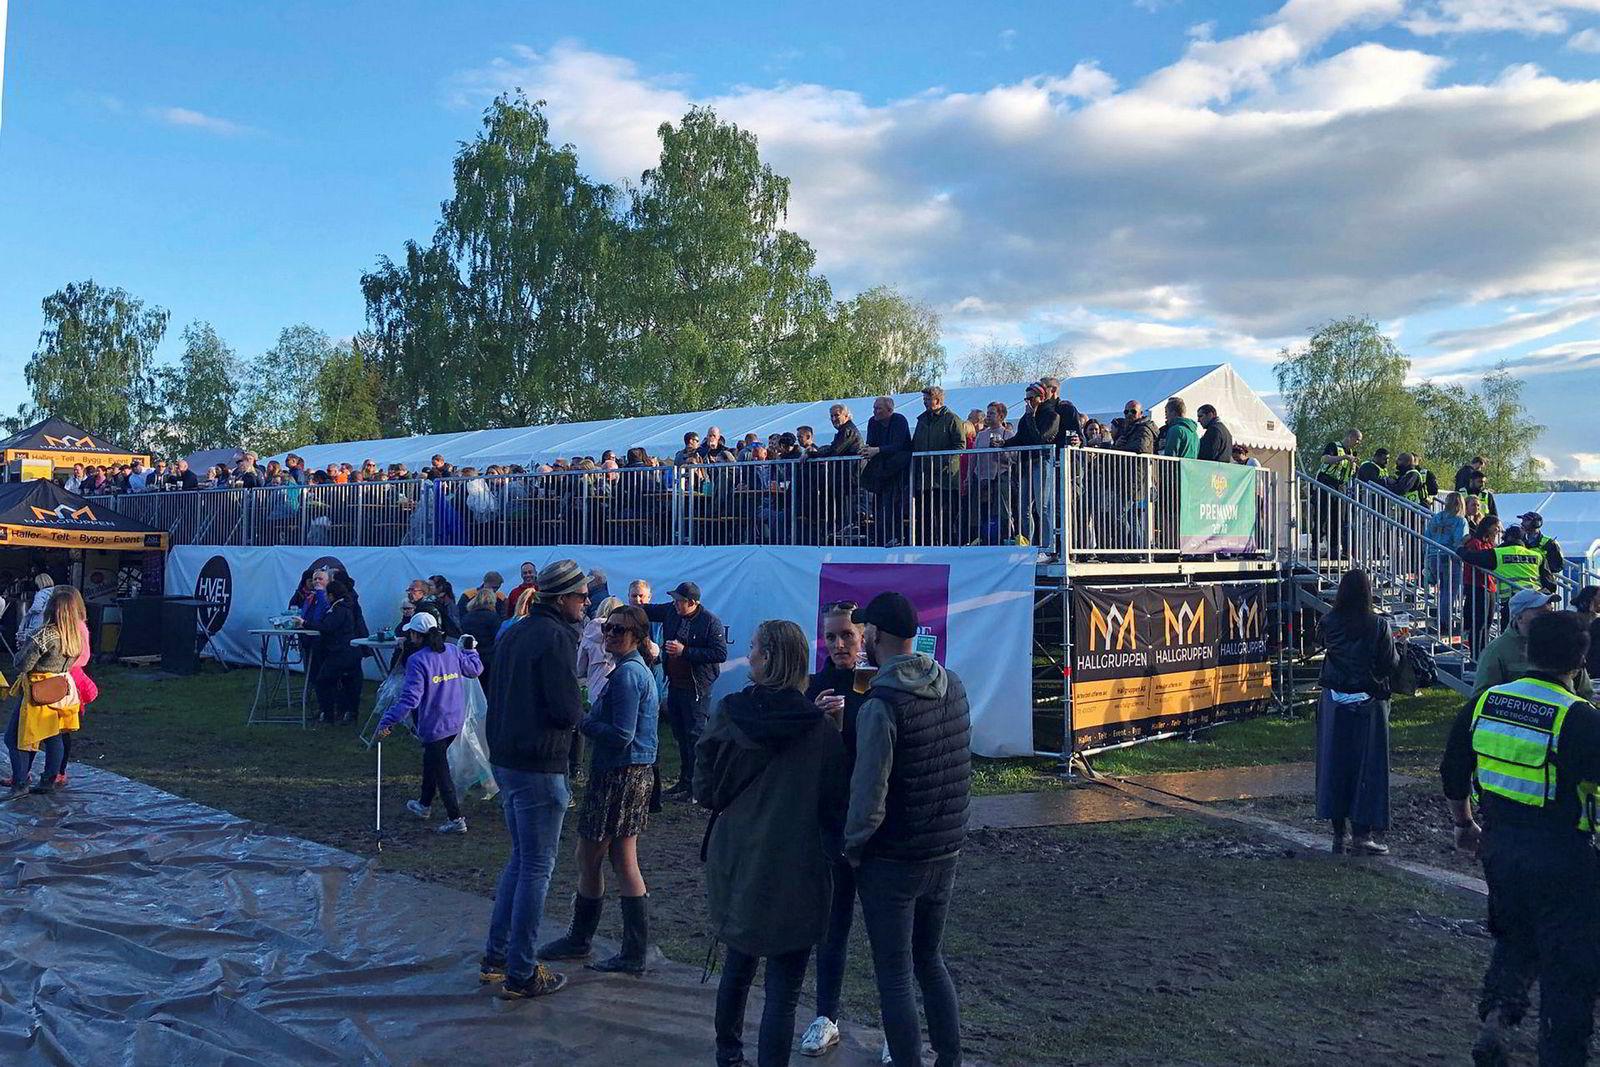 Hallgruppens produkter er blant annet brukt i Nebbenfestivalen ved Lillestrøm.